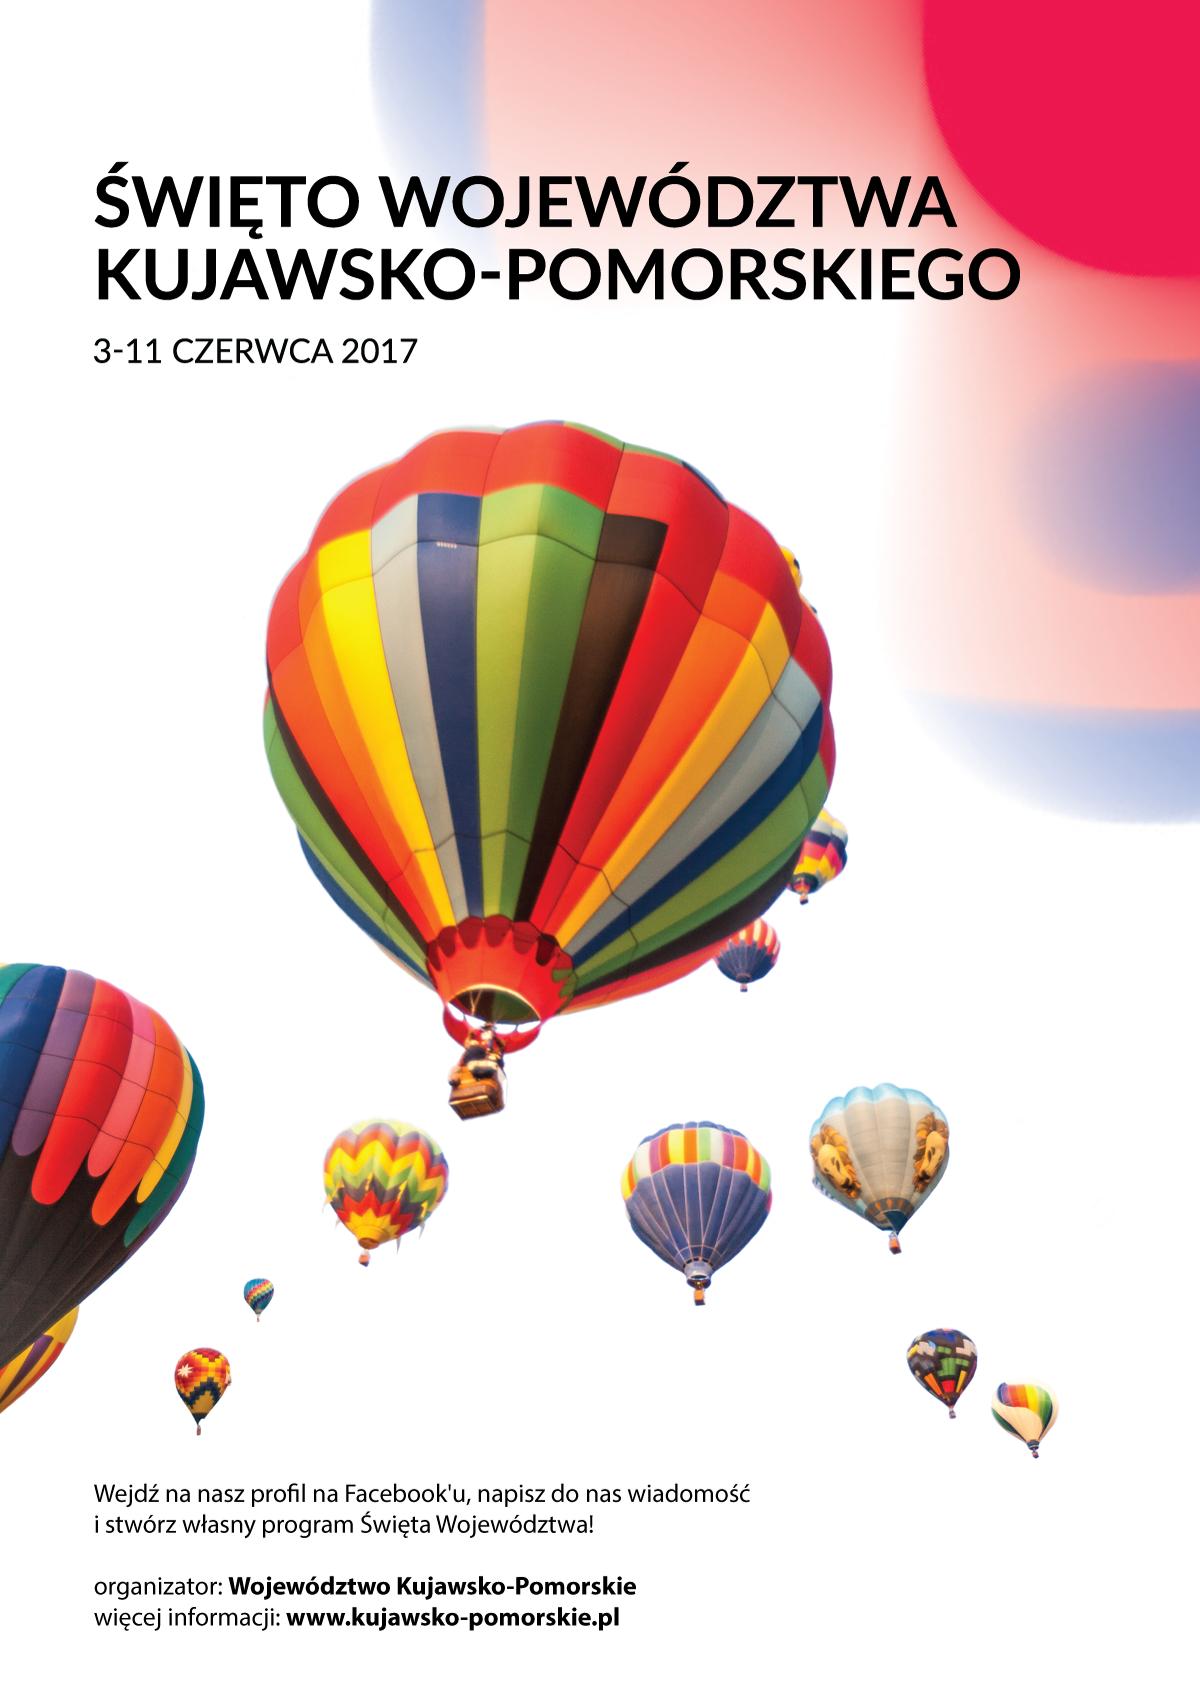 Święto Województwa Kujawsko-Pomorskiego 3-11 czerwca 2017